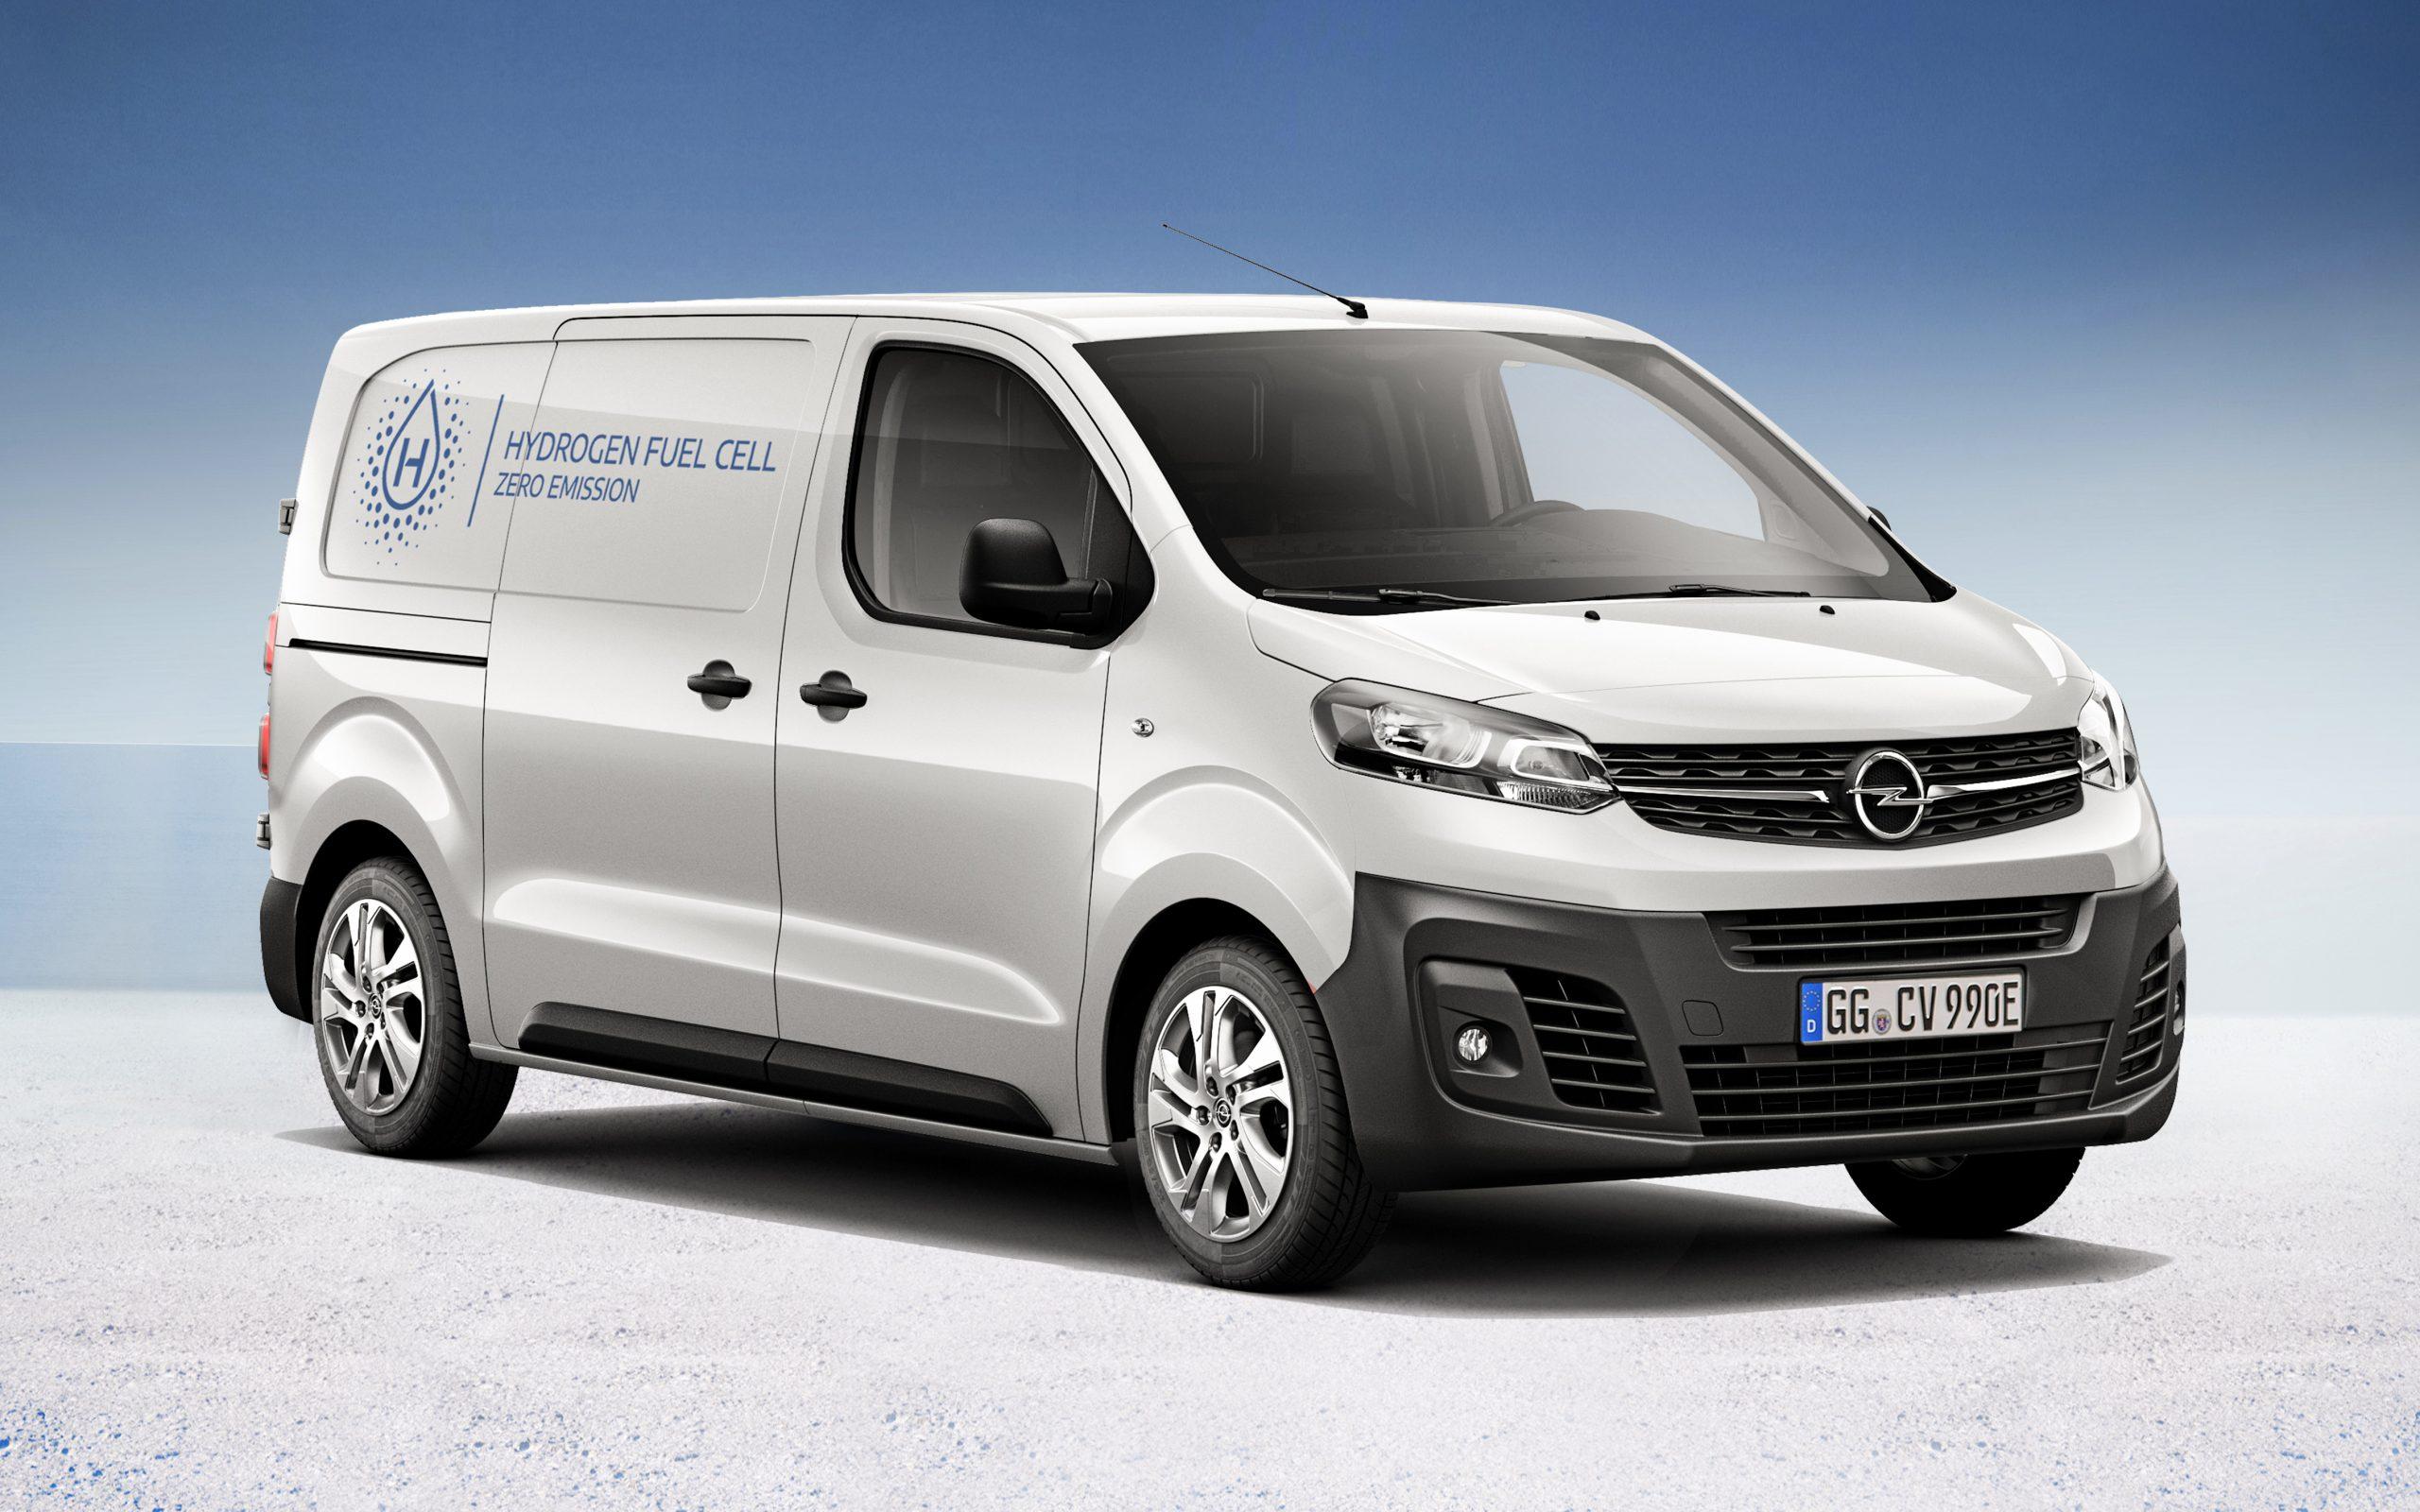 Der Opel Vivaro-e Hydrogen ist eines der wenigen Wasserstoff-Fahrzeuge in der Klasse der Kleintransporter.